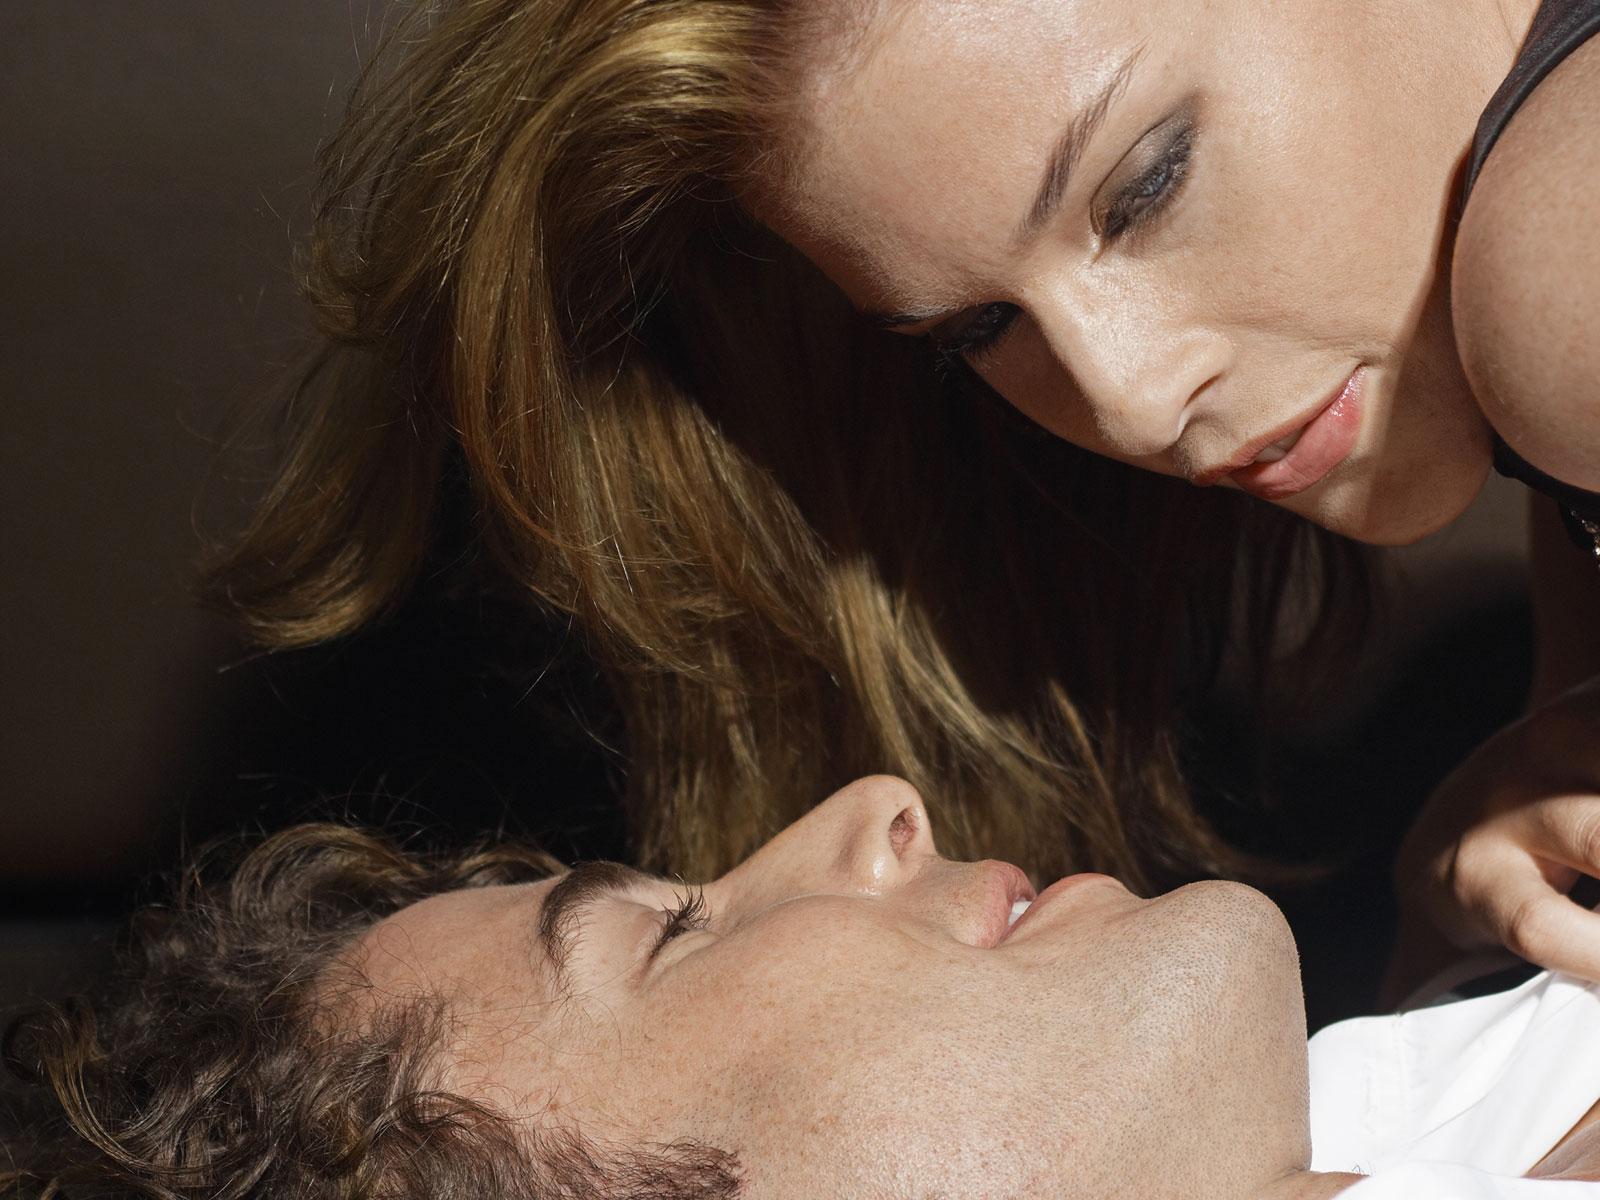 濃い愛情の裏に濃い嫉妬心と独占欲! イタリアで本当にあった男と女の愛憎劇